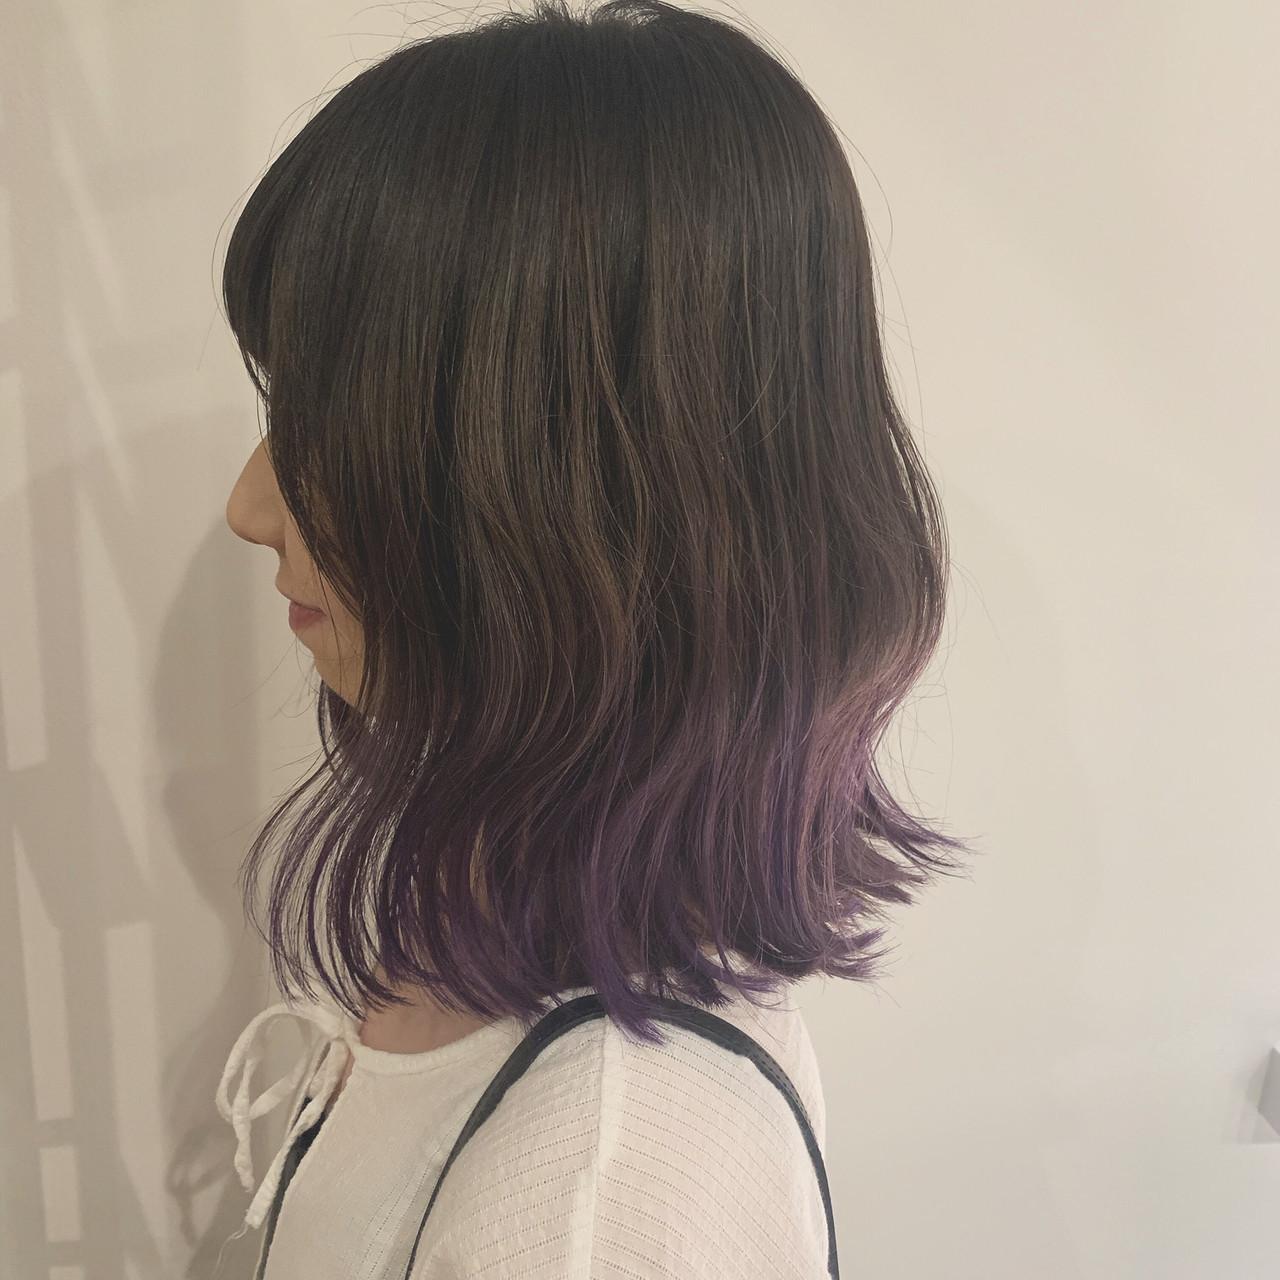 インナーカラー ミニボブ ミディアム 韓国ヘア ヘアスタイルや髪型の写真・画像